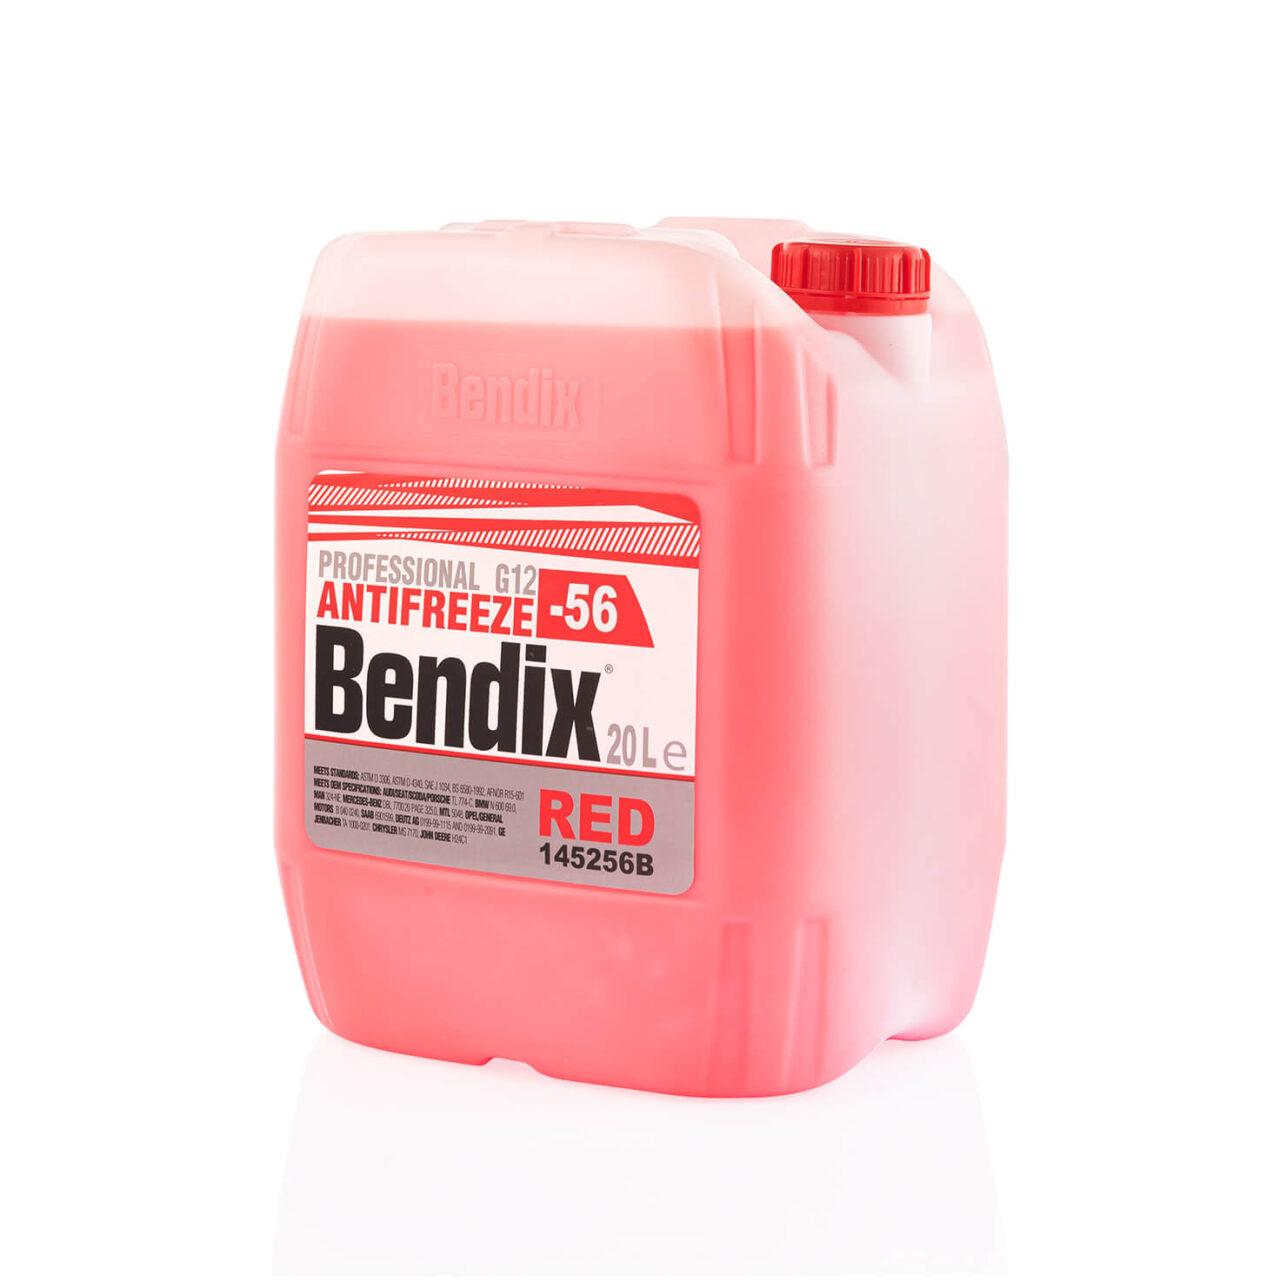 Bendix G12 -56 20L